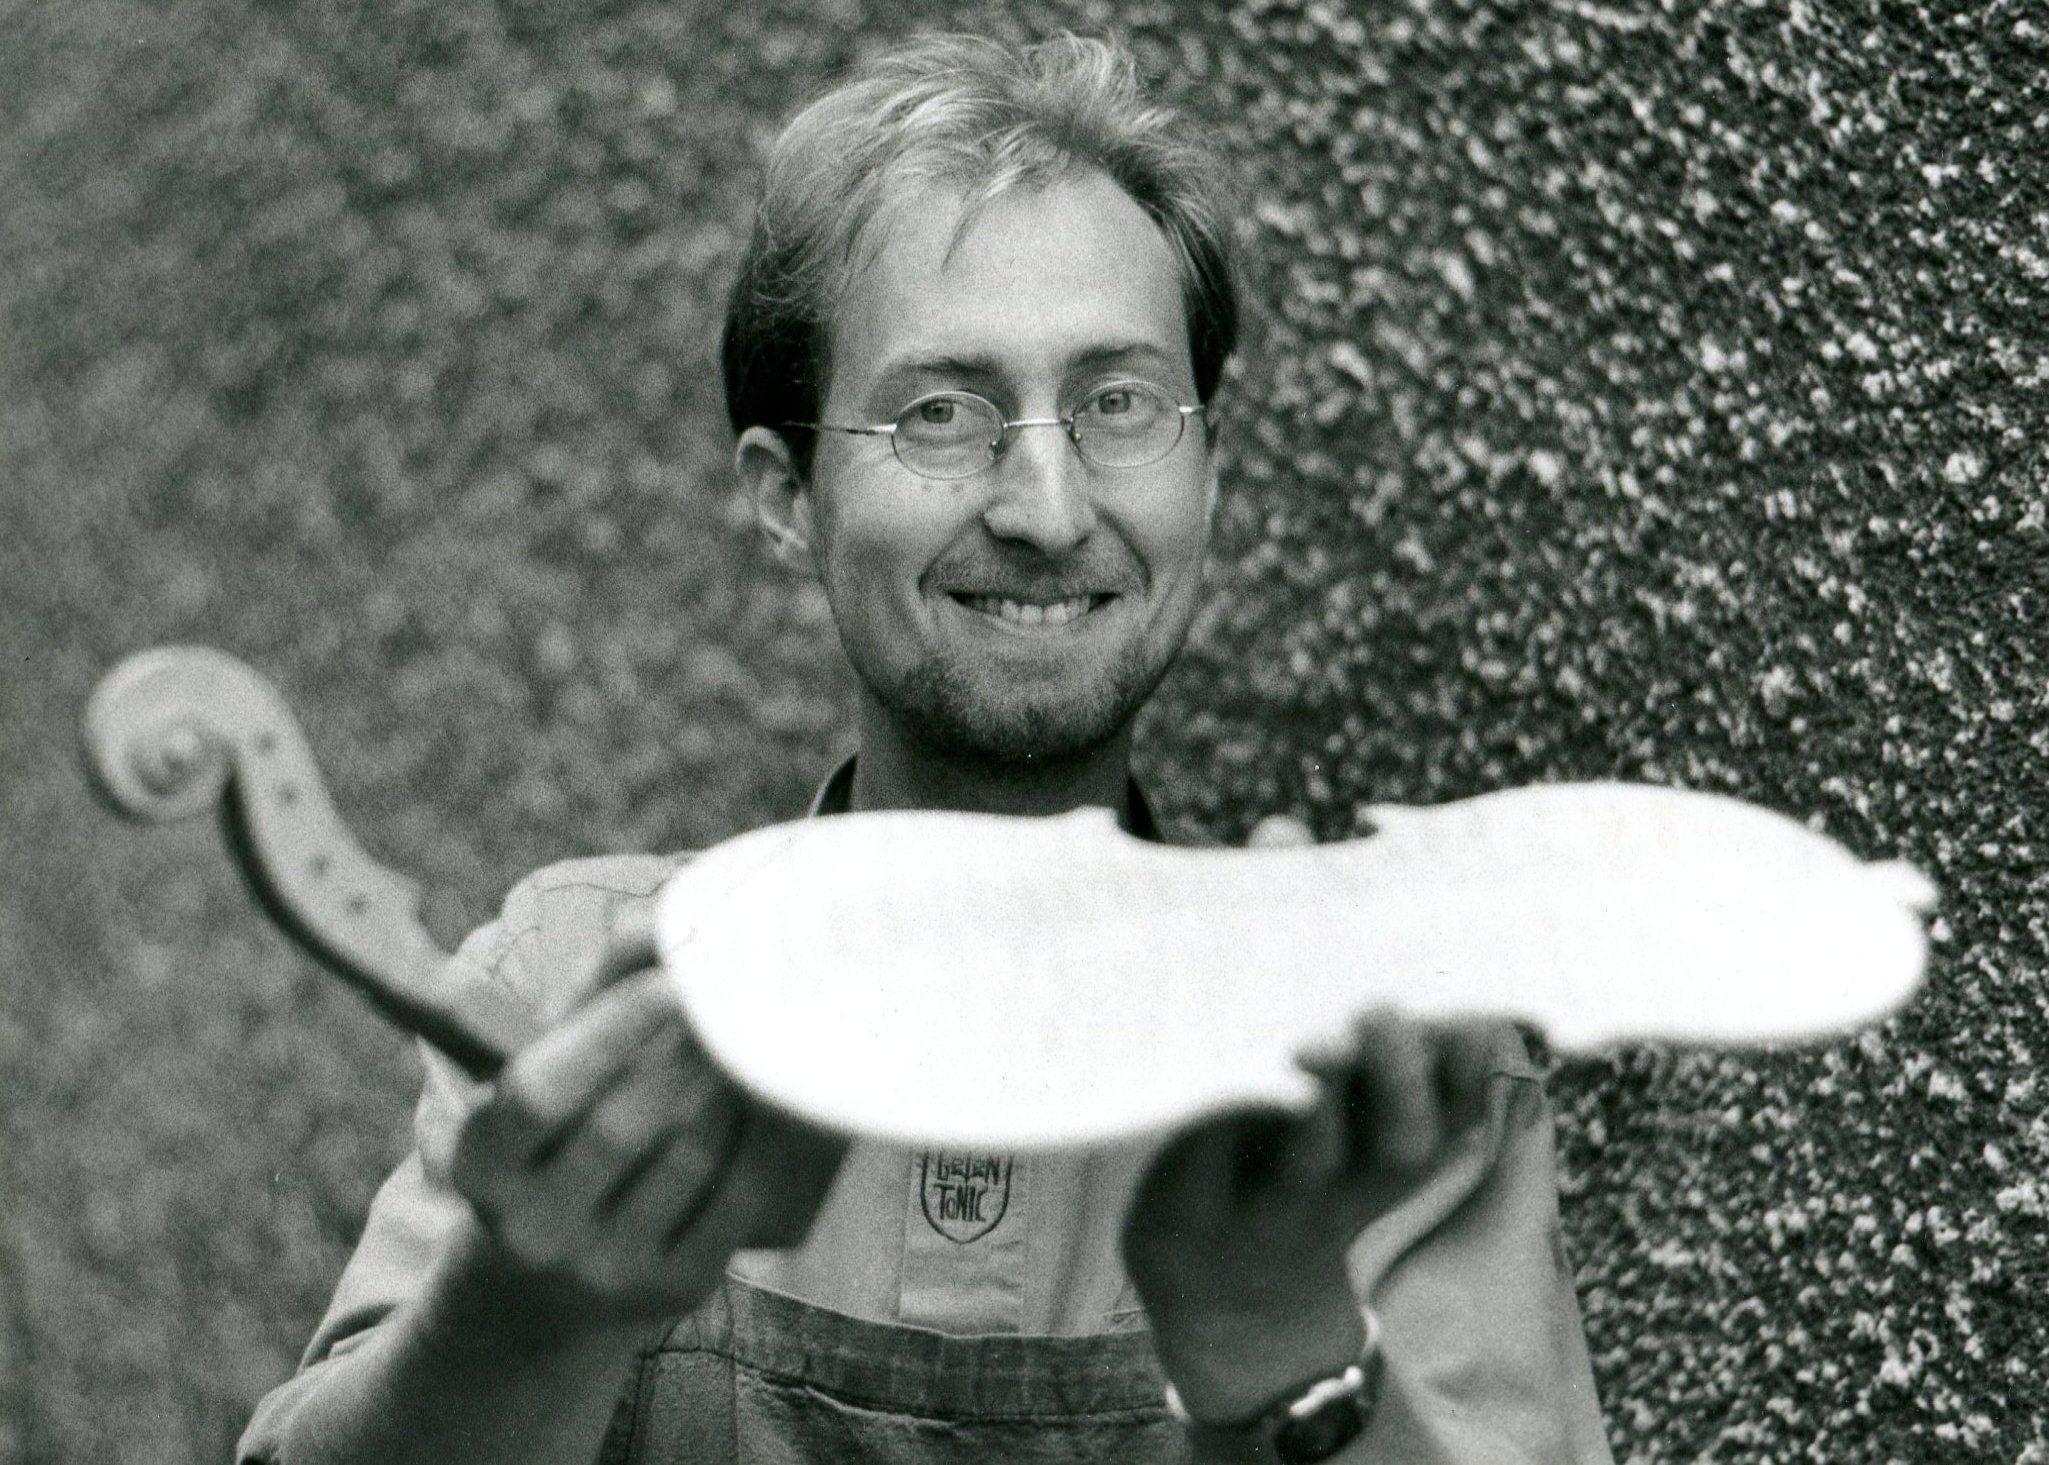 Marcus Klimke (Niemcy) - Laureat drugiej nagrody na 12. Międzynarodowym Konkursie Skrzypcowym im. H. Wieniawskiego (2011)